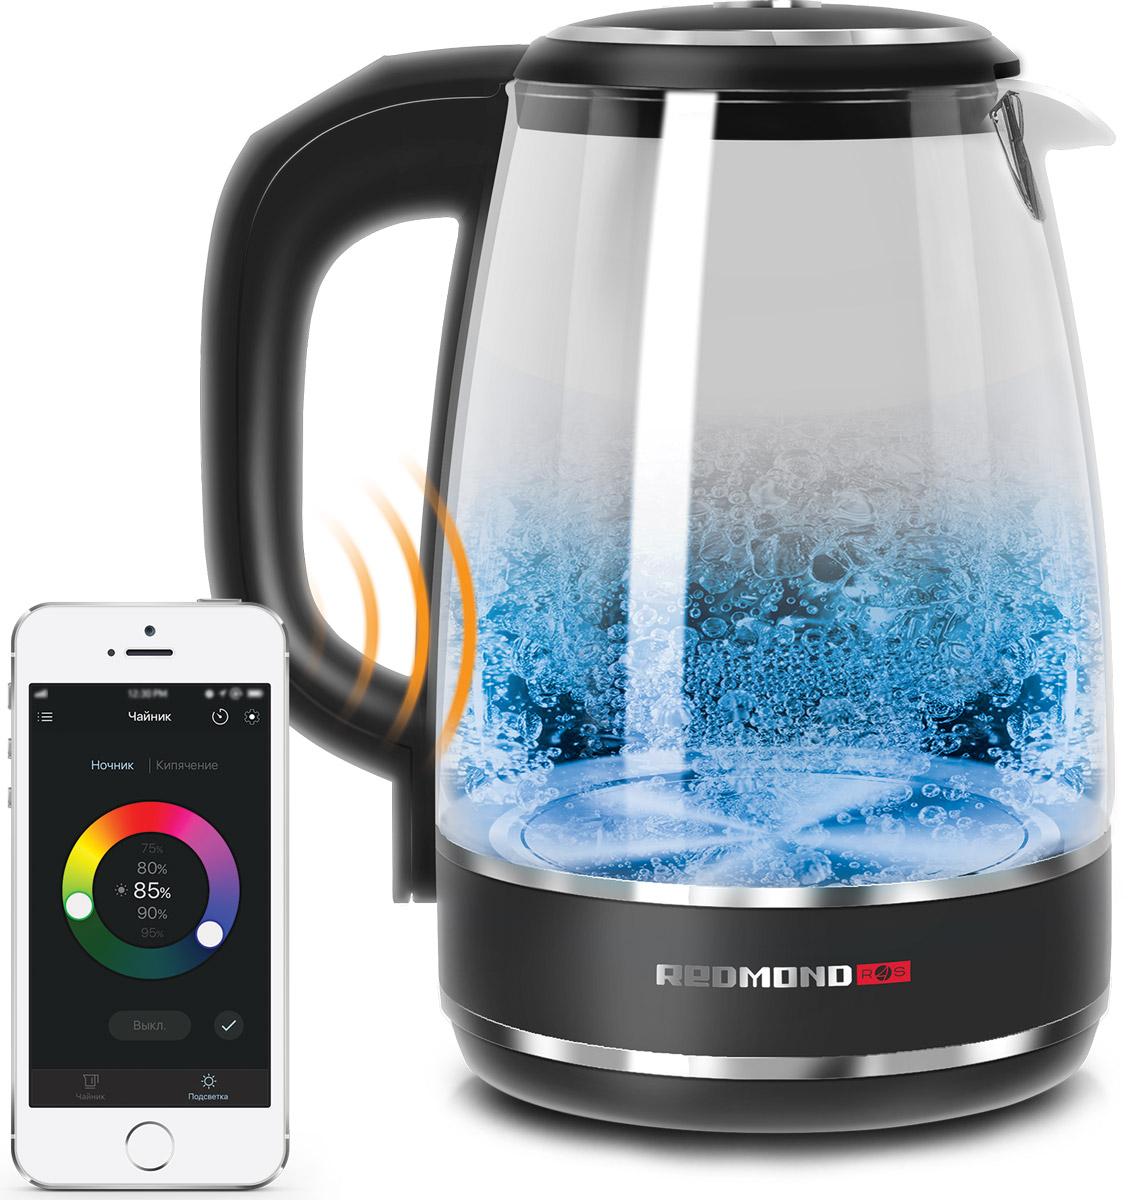 Redmond SkyKettle RK-G200S умный электрический чайникRK-G200SУмный световой чайник Redmond SkyKettle G200S – современный чайник с оригинальным свечением и дистанционным управлением со смартфона. Через приложение Ready for Sky в smart-чайнике можно подогреть воду до нужной температуры, а также настроить любой цвет подсветки и сделать так, чтобы стеклянный корпус и вода в нем переливались как в калейдоскопе или на танцплощадке – всеми цветами радуги! Одним касанием экрана смартфона можно включить подсветку умного чайника SkyKettle G200S, выбрав любой цвет и при желании настроив его яркость. В приложении можно задать также скорость перехода свечения от одного цвета к другому, чтобы через заданные вами промежутки времени (от 30 секунд до 3 минут) цветовая гамма подсветки красиво менялась, создавая эффект светомузыки. Подсветка умного чайника может изменяться в процессе нагрева воды – достаточно внести соответствующую настройку через приложение. А хотите, чтобы умный чайник красиво светился в темное время суток...